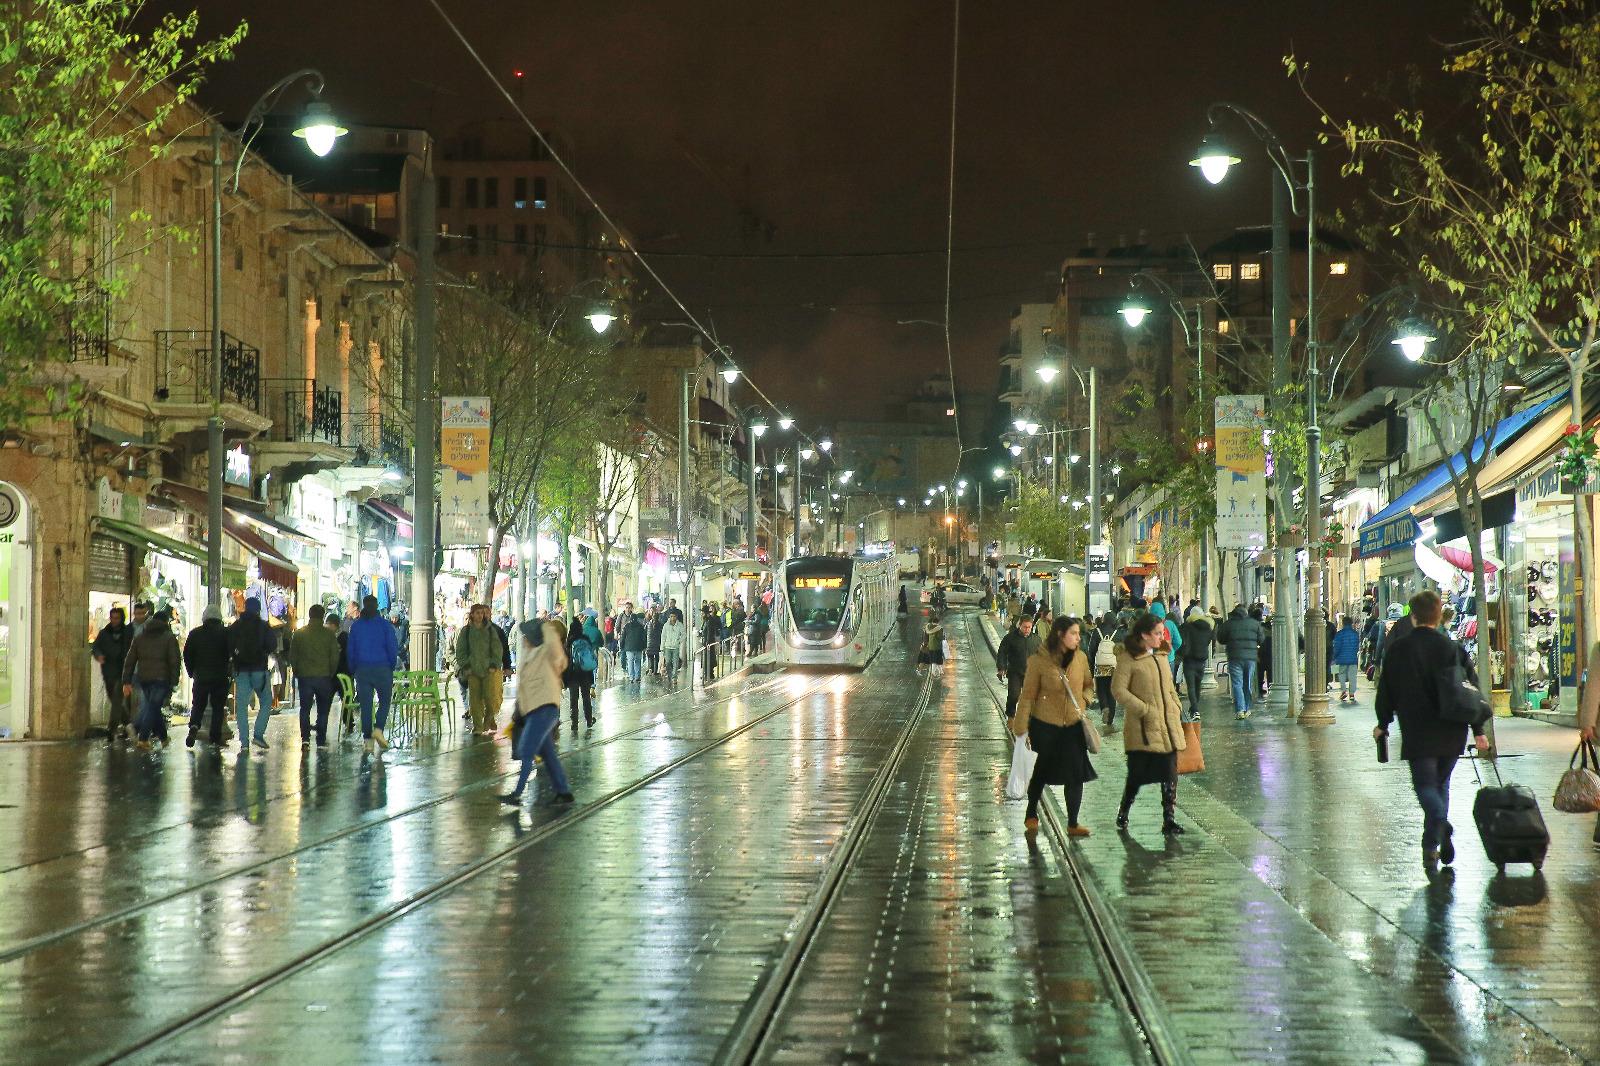 רחוב יפו בגשם (צילום: ארנון בוסאני)